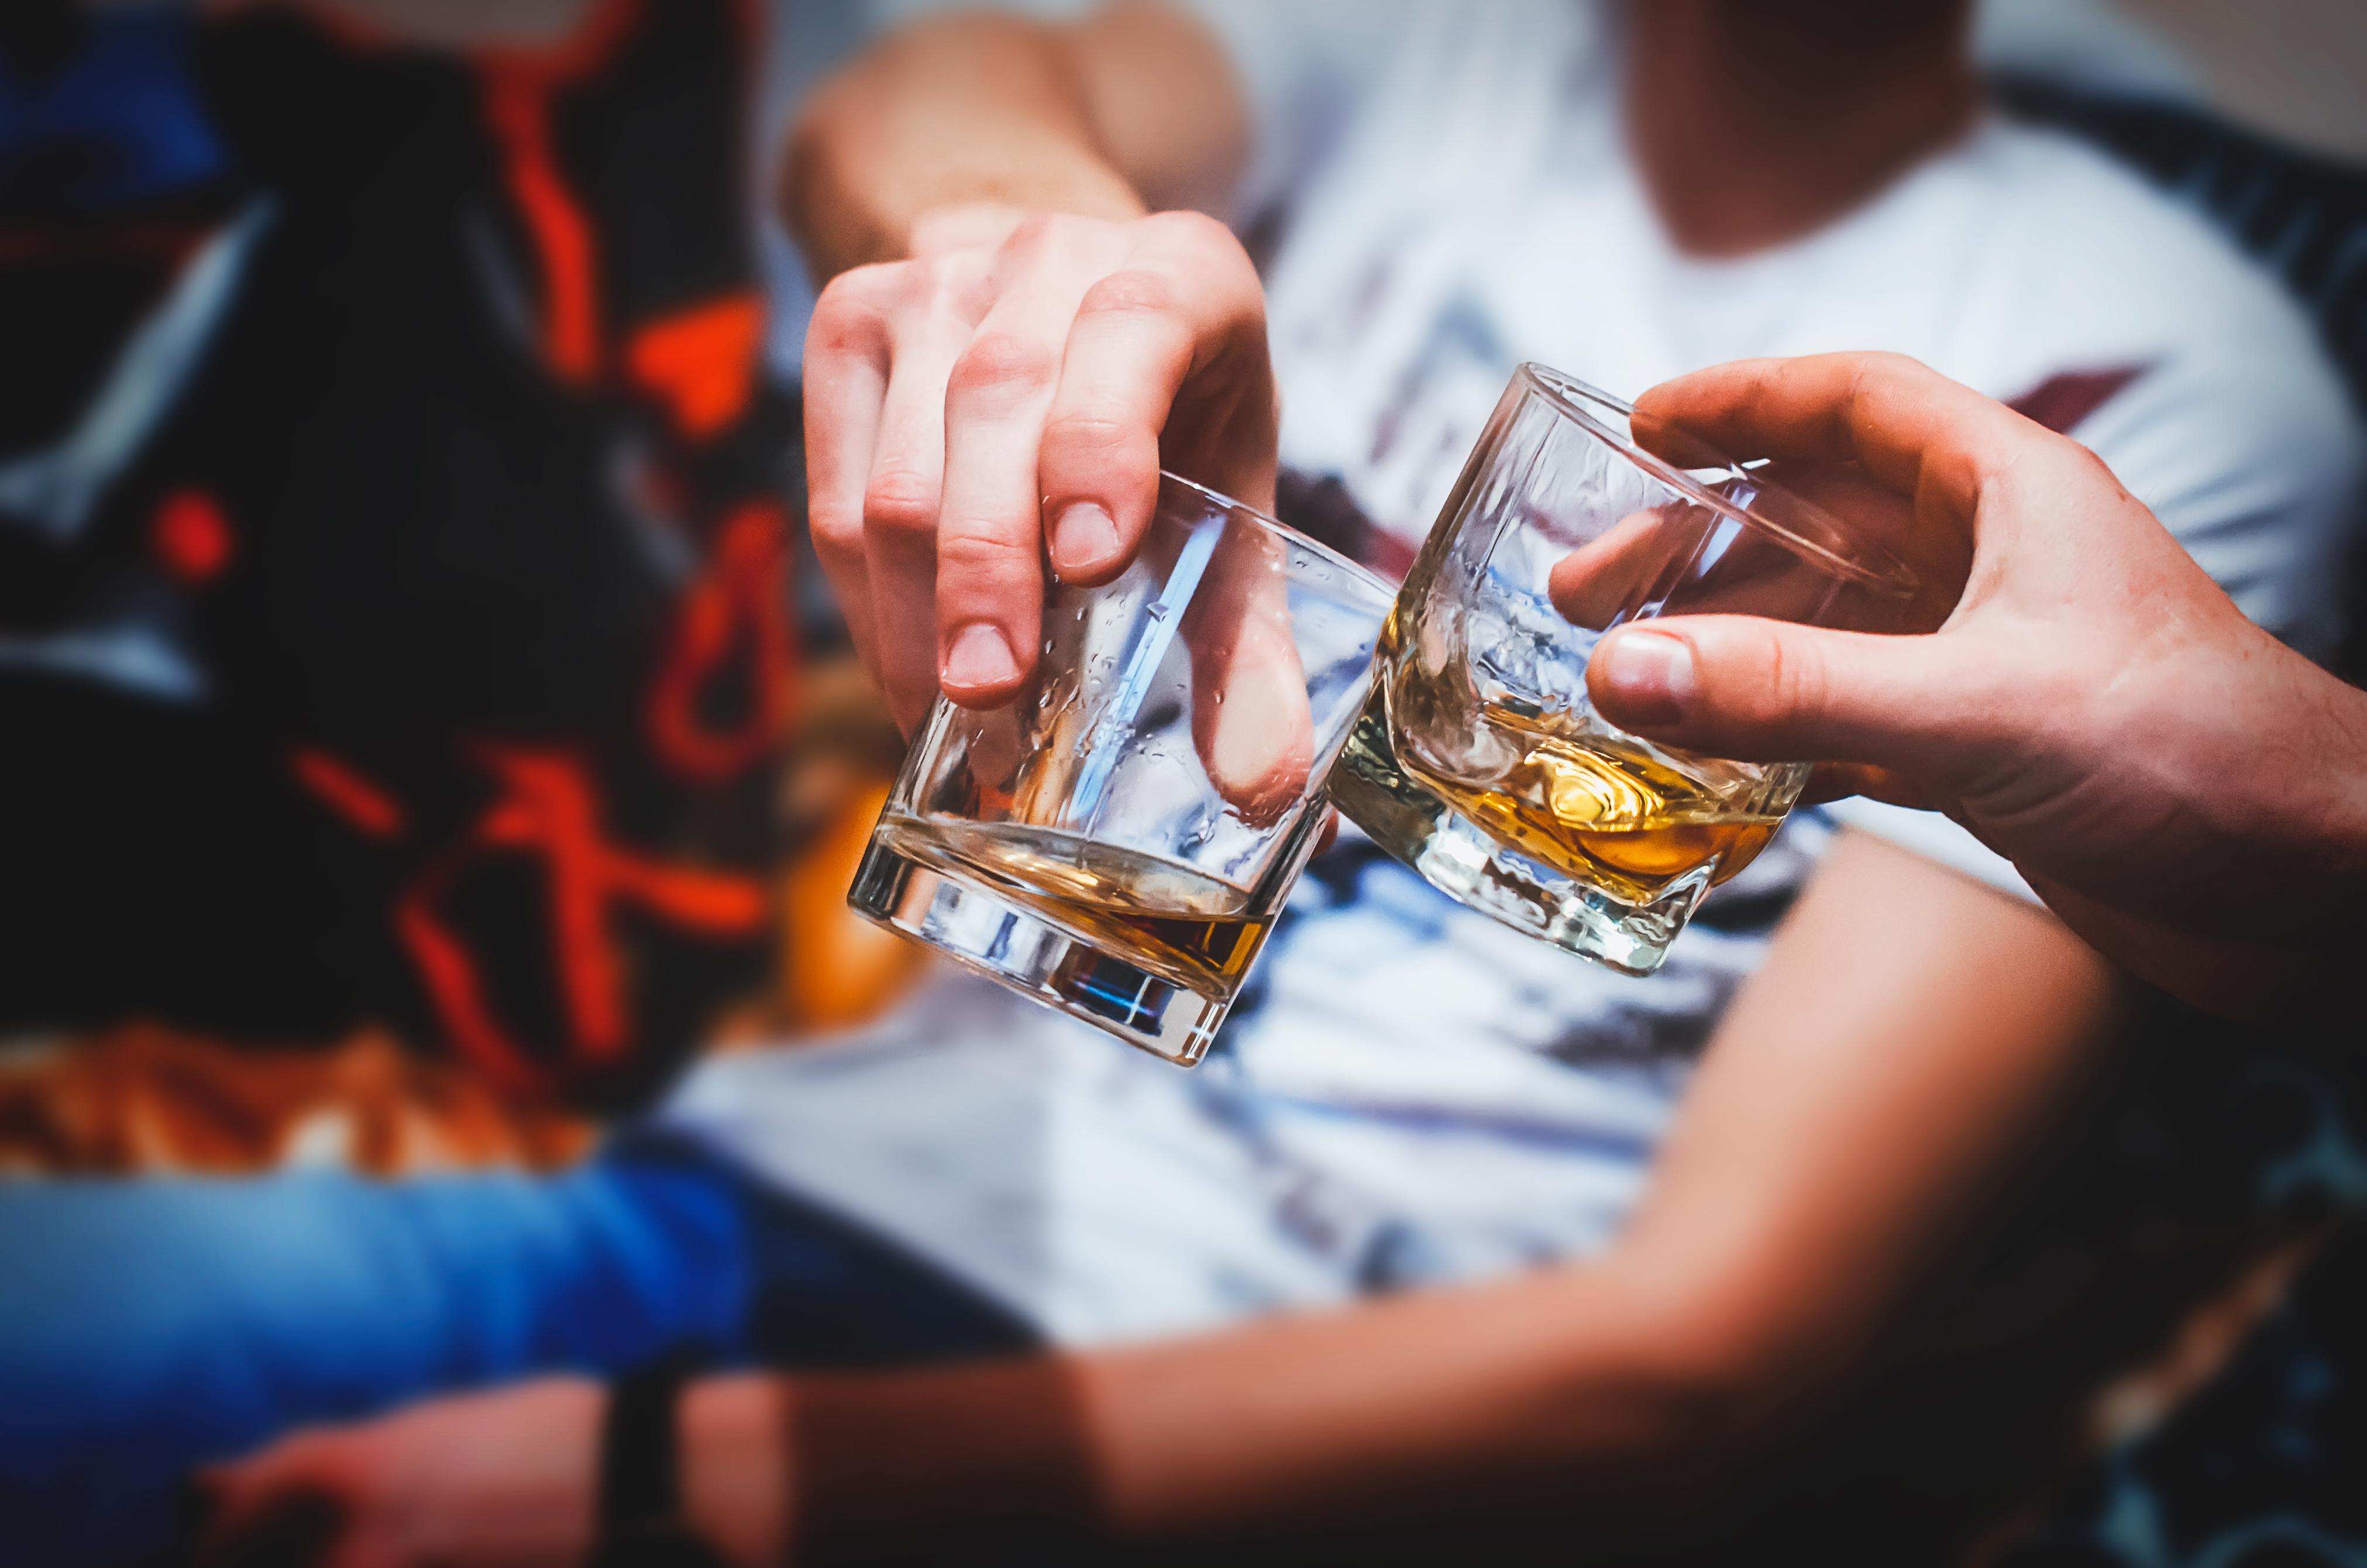 <p>8. Прекалявате с алкохола Алкохолът е известен със своя стимулиращ апетита ефект. Той може да възпрепятства хормоните, които намаляват апетита, като лептин, особено когато се консумира преди или по време на хранене. Поради тази причина може да се чувствате гладни често, ако пиете твърде много алкохол. Освен, че алкохолът ви прави по-гладни, той може да увреди частта от мозъка, която контролира преценката и самоконтрола. Това може да ви накара да ядете повече, независимо колко сте гладни.</p>